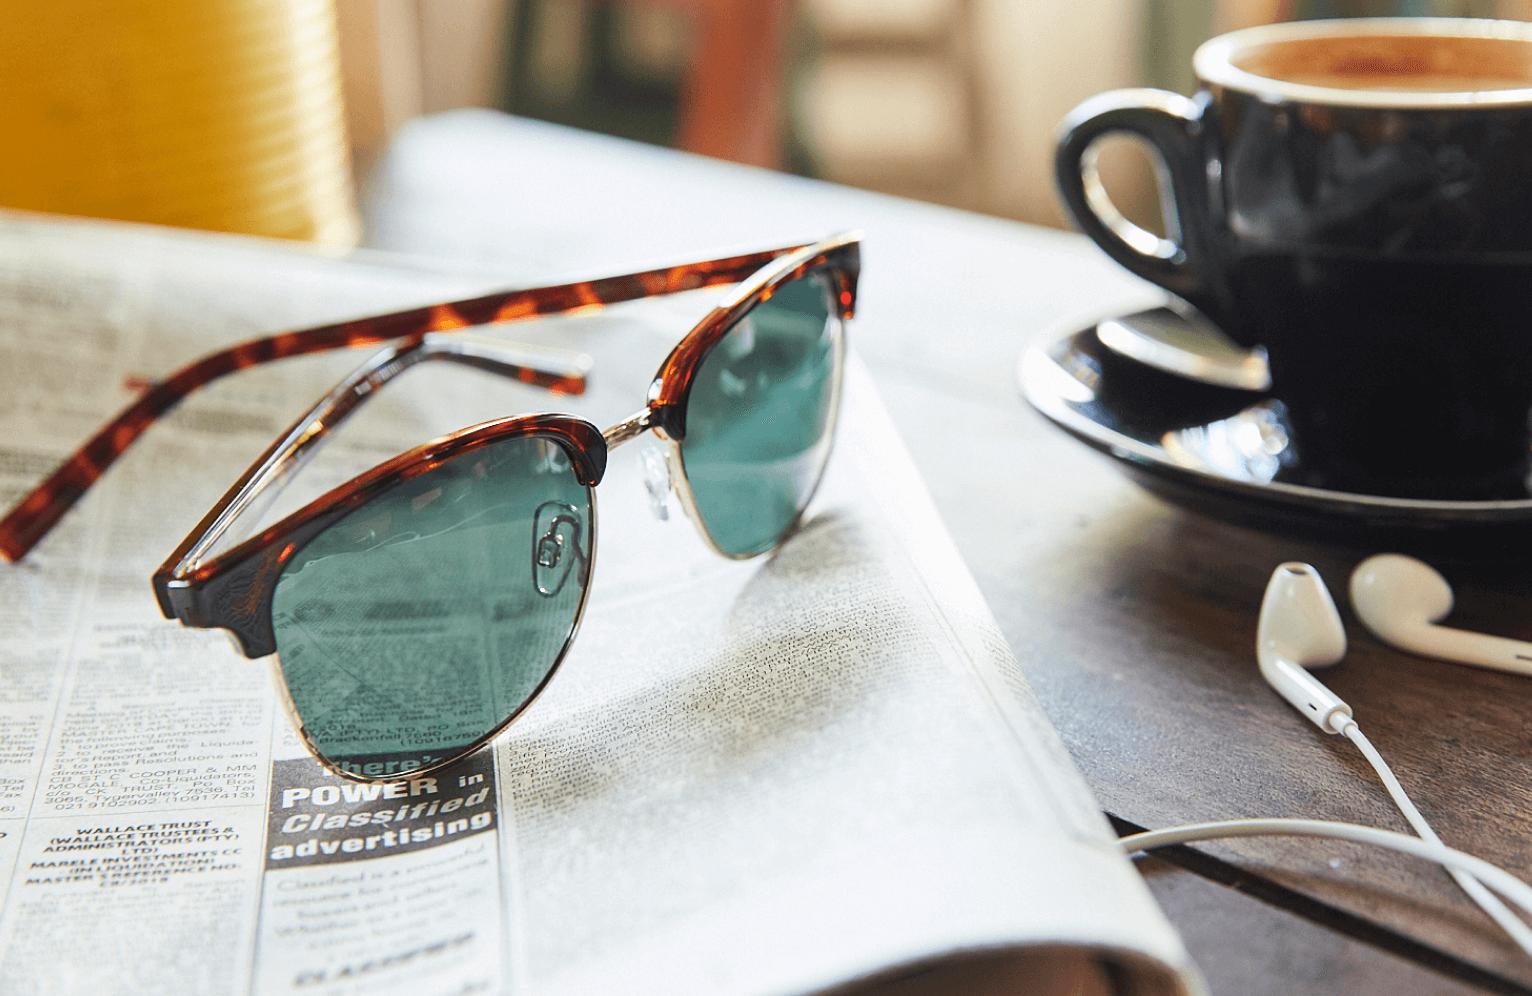 ff0cad0b6 Óculos de Sol - Os Melhores Modelos e Marcas | MultiOpticas